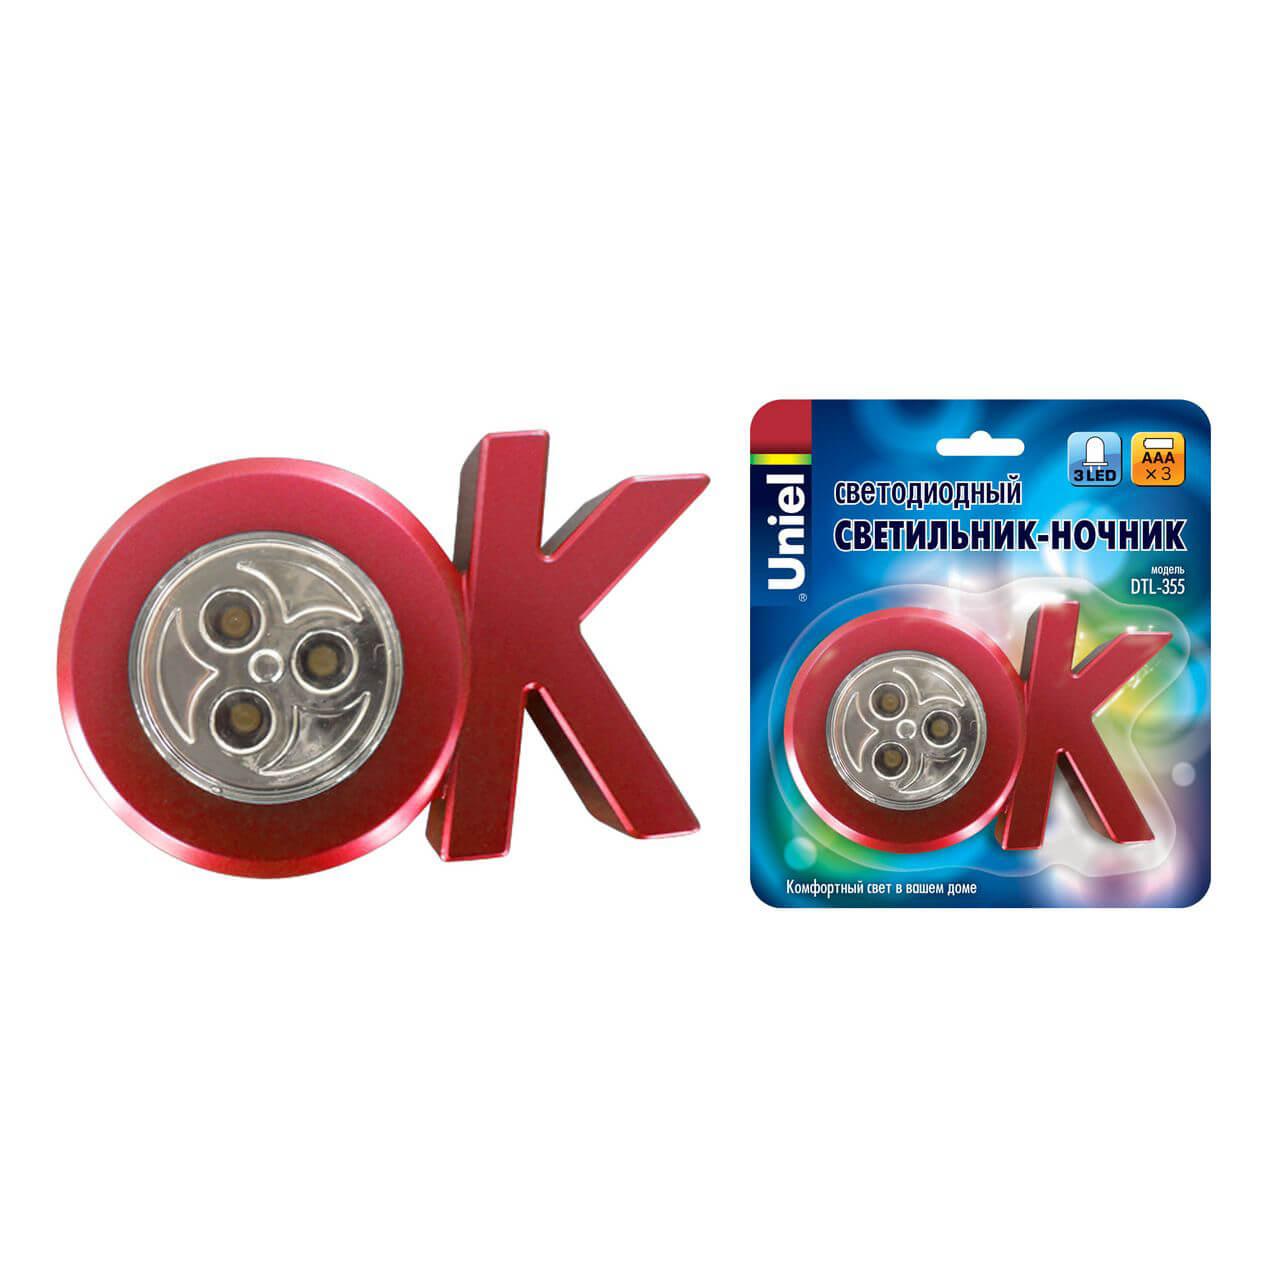 цена на Настольная лампа Uniel DTL-355 OK/Red/3LED/3AAA OK